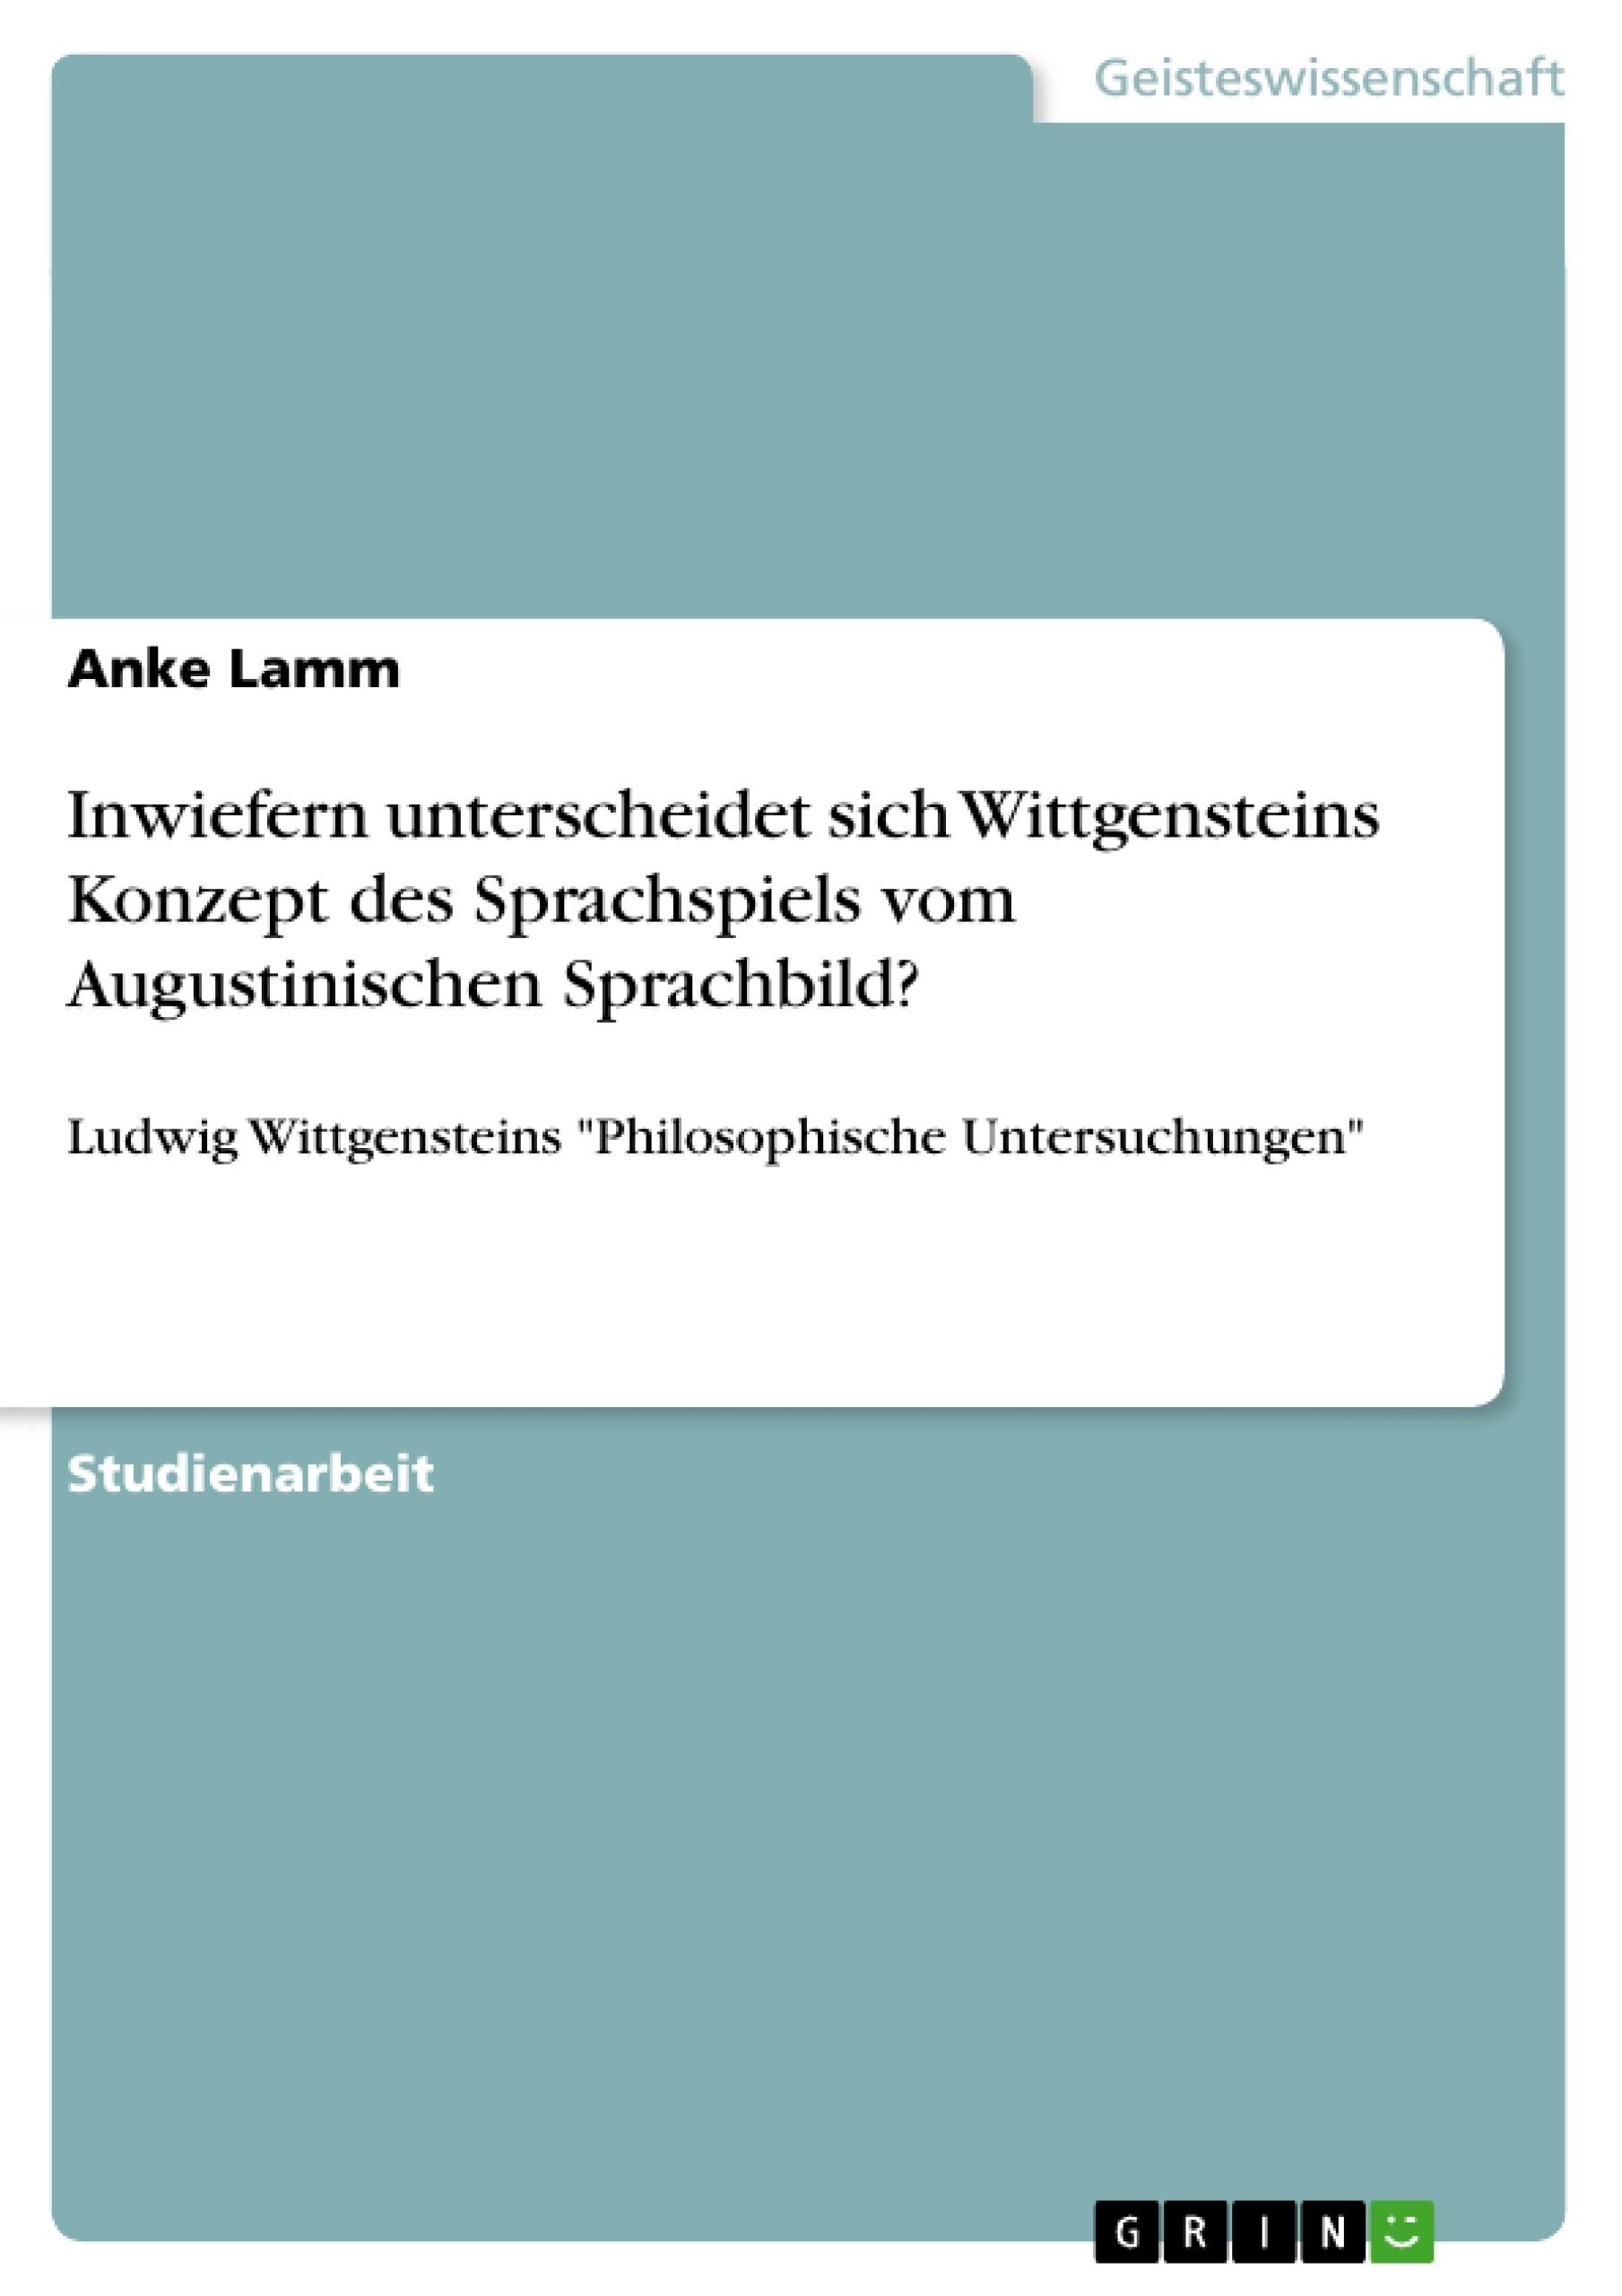 Titel: Inwiefern unterscheidet sich Wittgensteins Konzept des Sprachspiels vom Augustinischen Sprachbild?